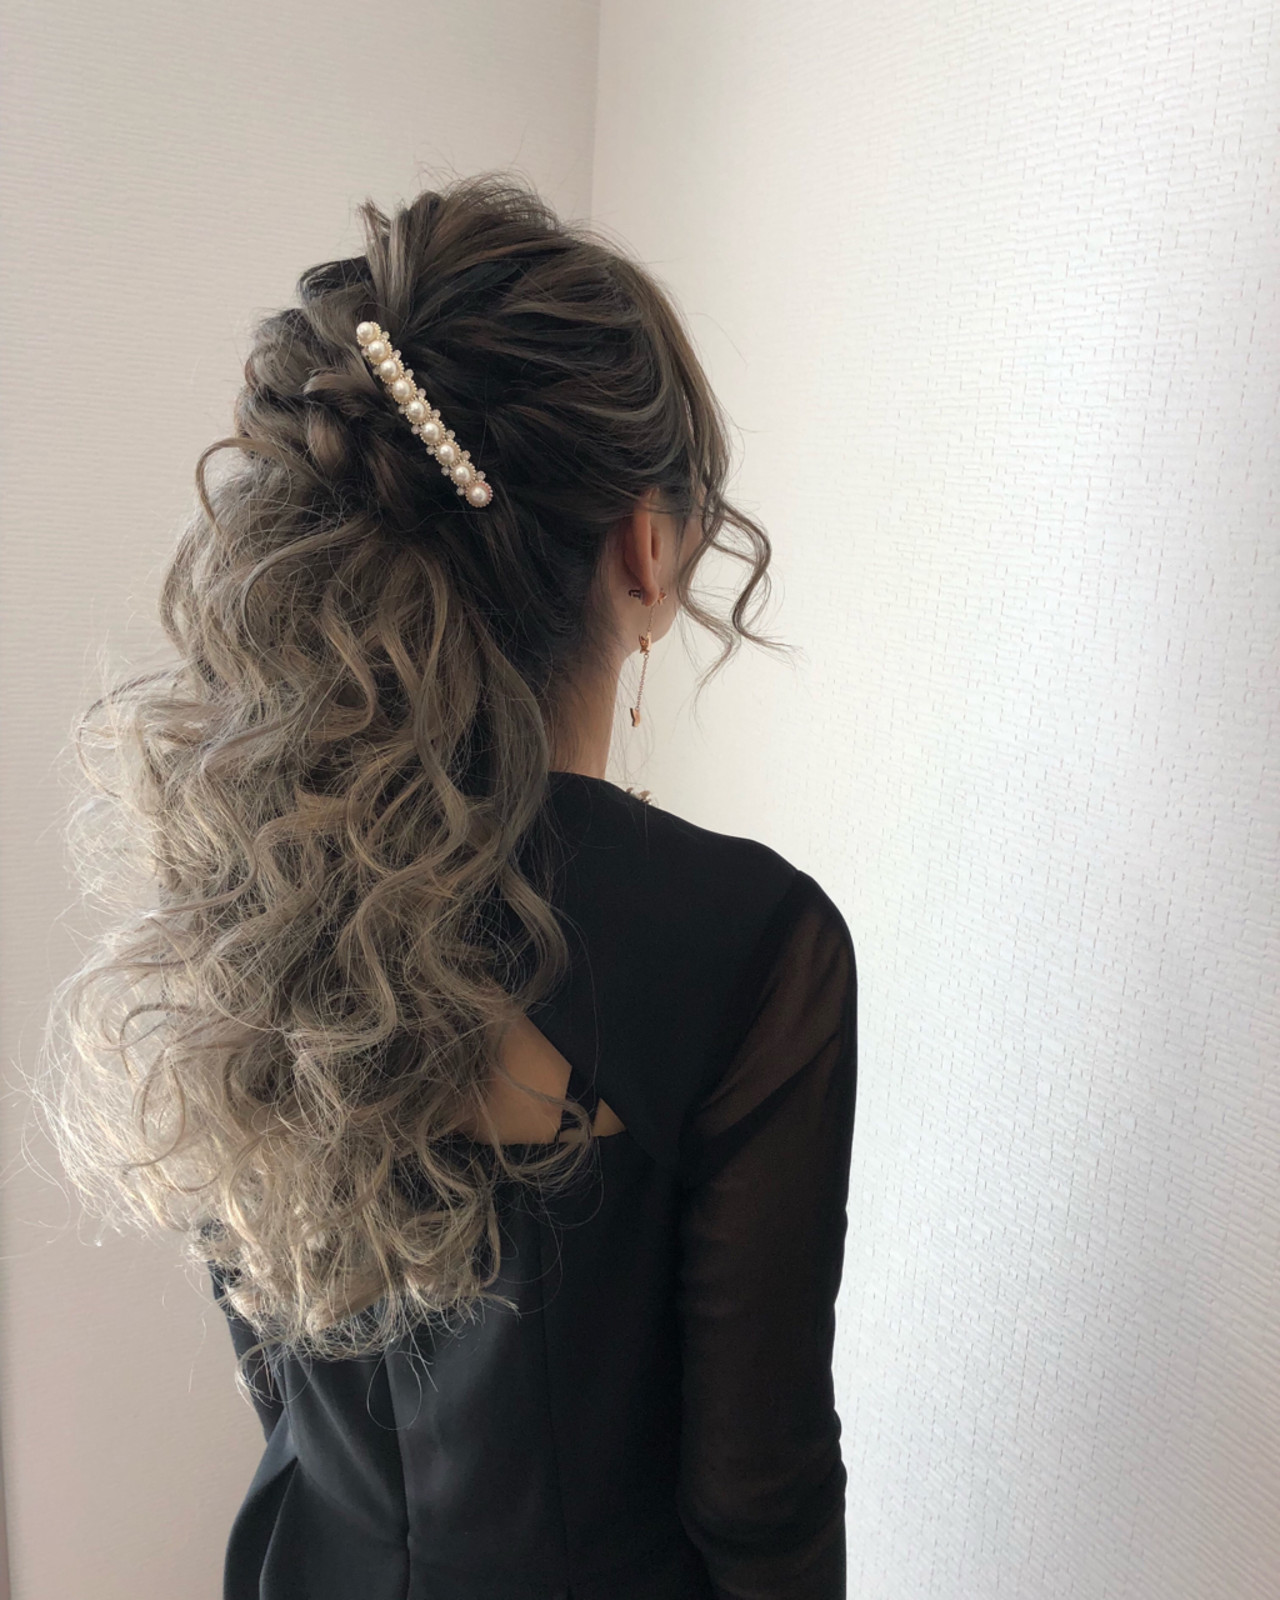 フェミニン ハーフアップ ヘアアレンジ パーティ ヘアスタイルや髪型の写真・画像 | mai / HAIR SALON STELLA